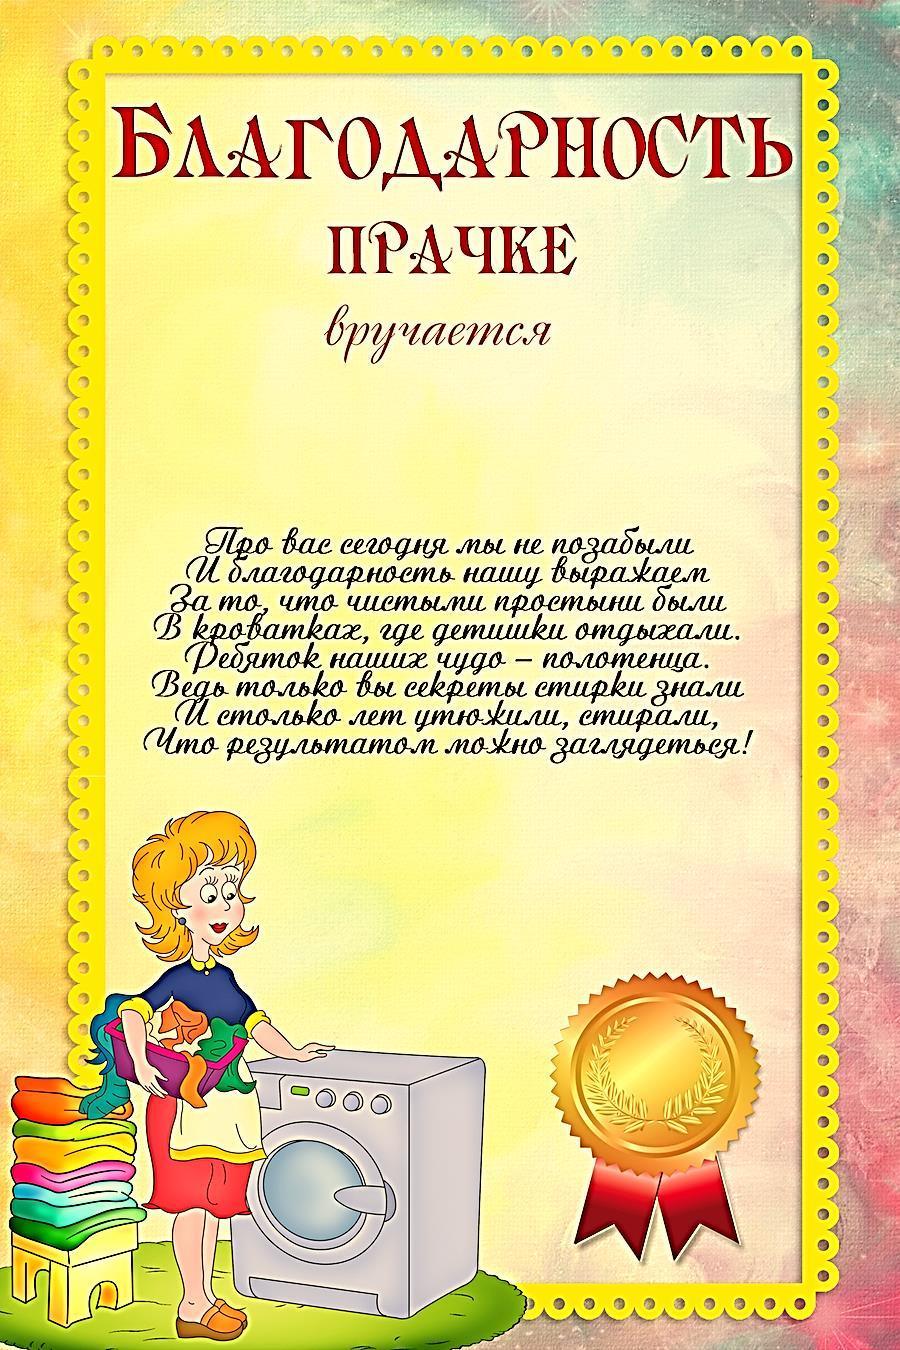 Поздравление дворнику на выпускной от детей